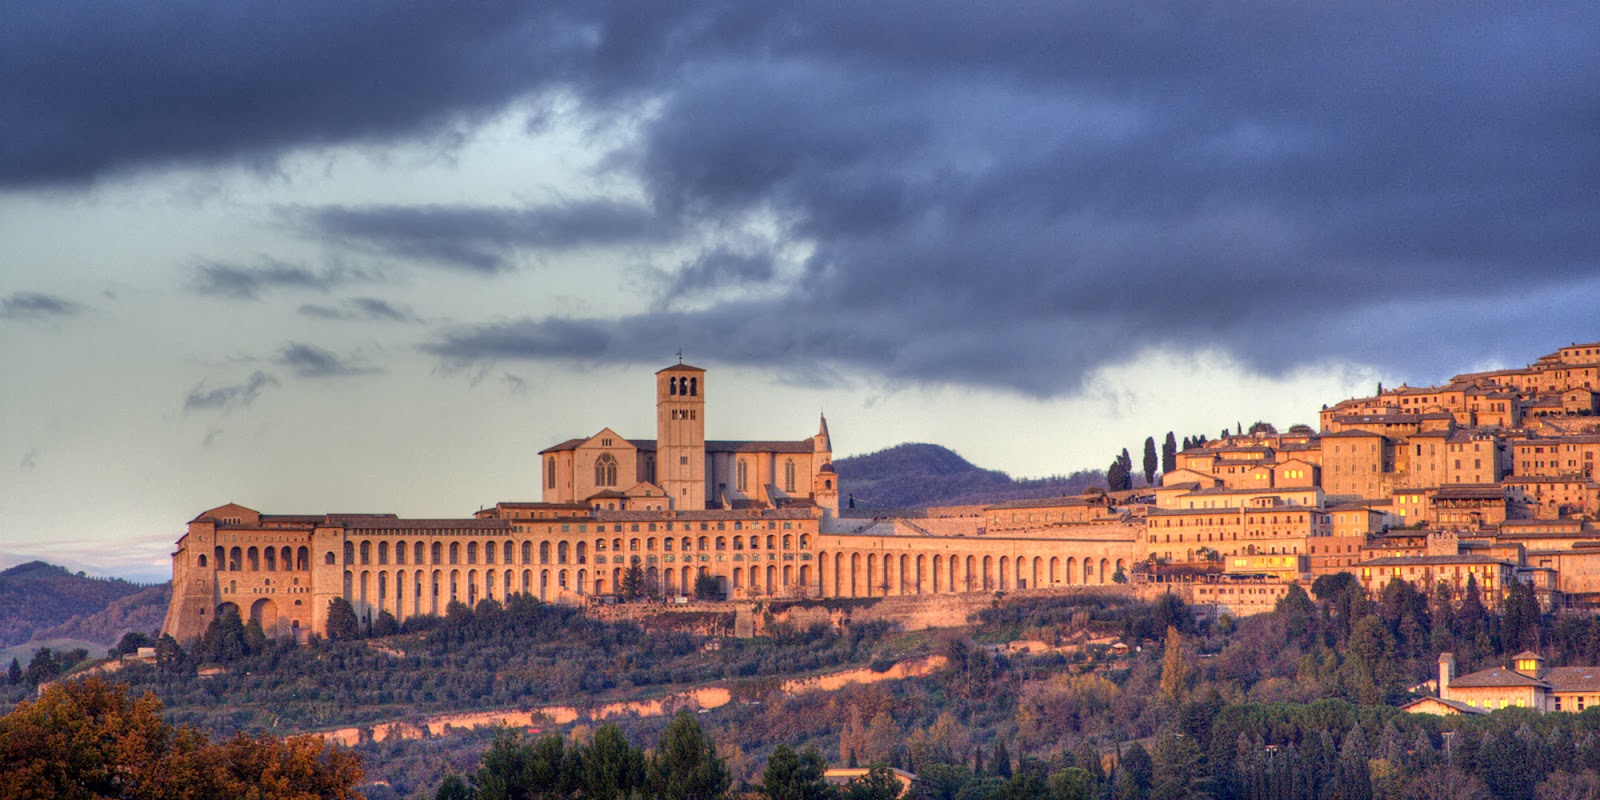 Basilica of San Francesco d'Assisi, Assisi. [ source ]